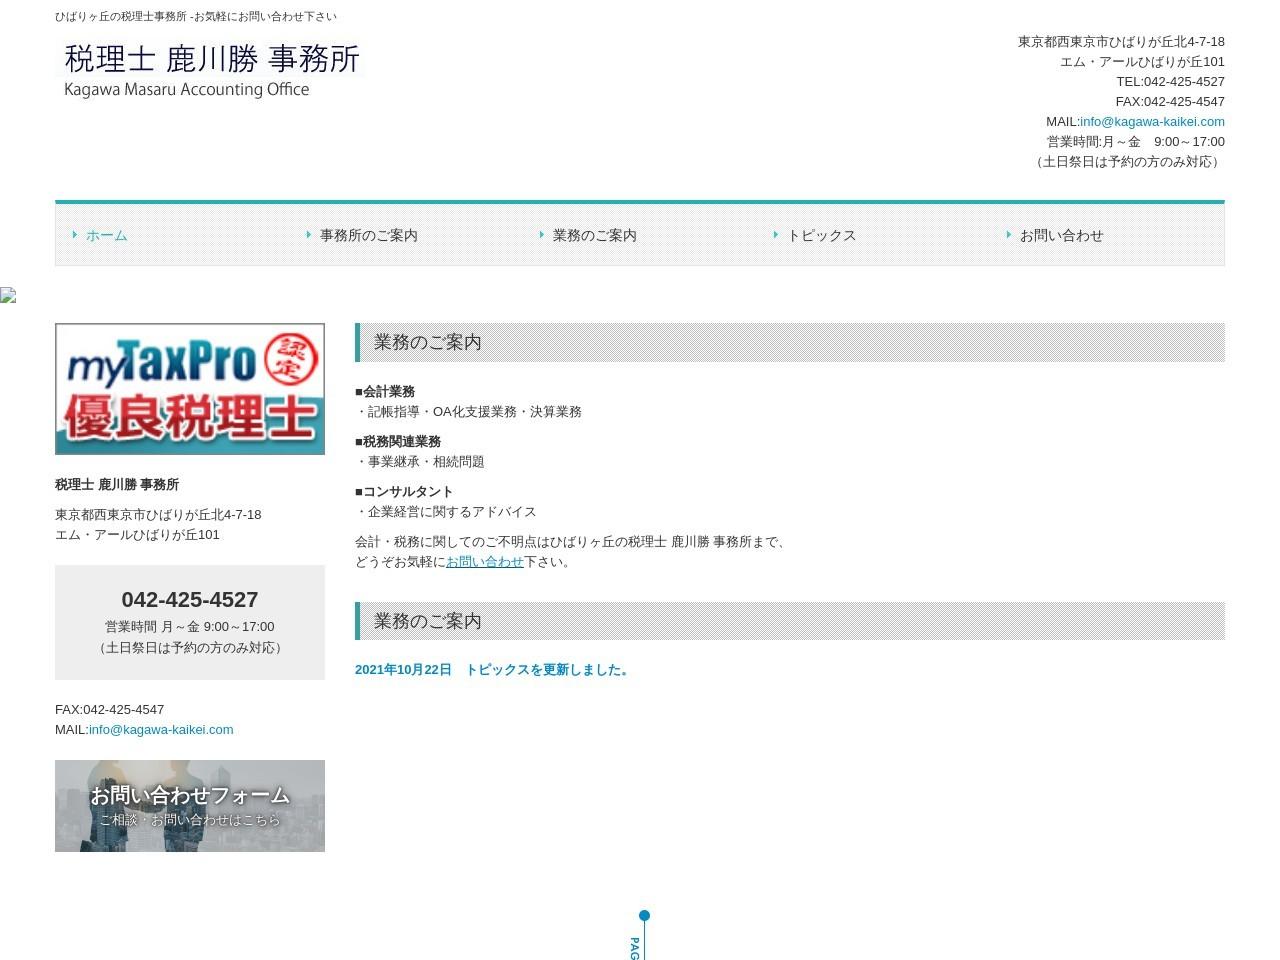 鹿川勝税理士事務所